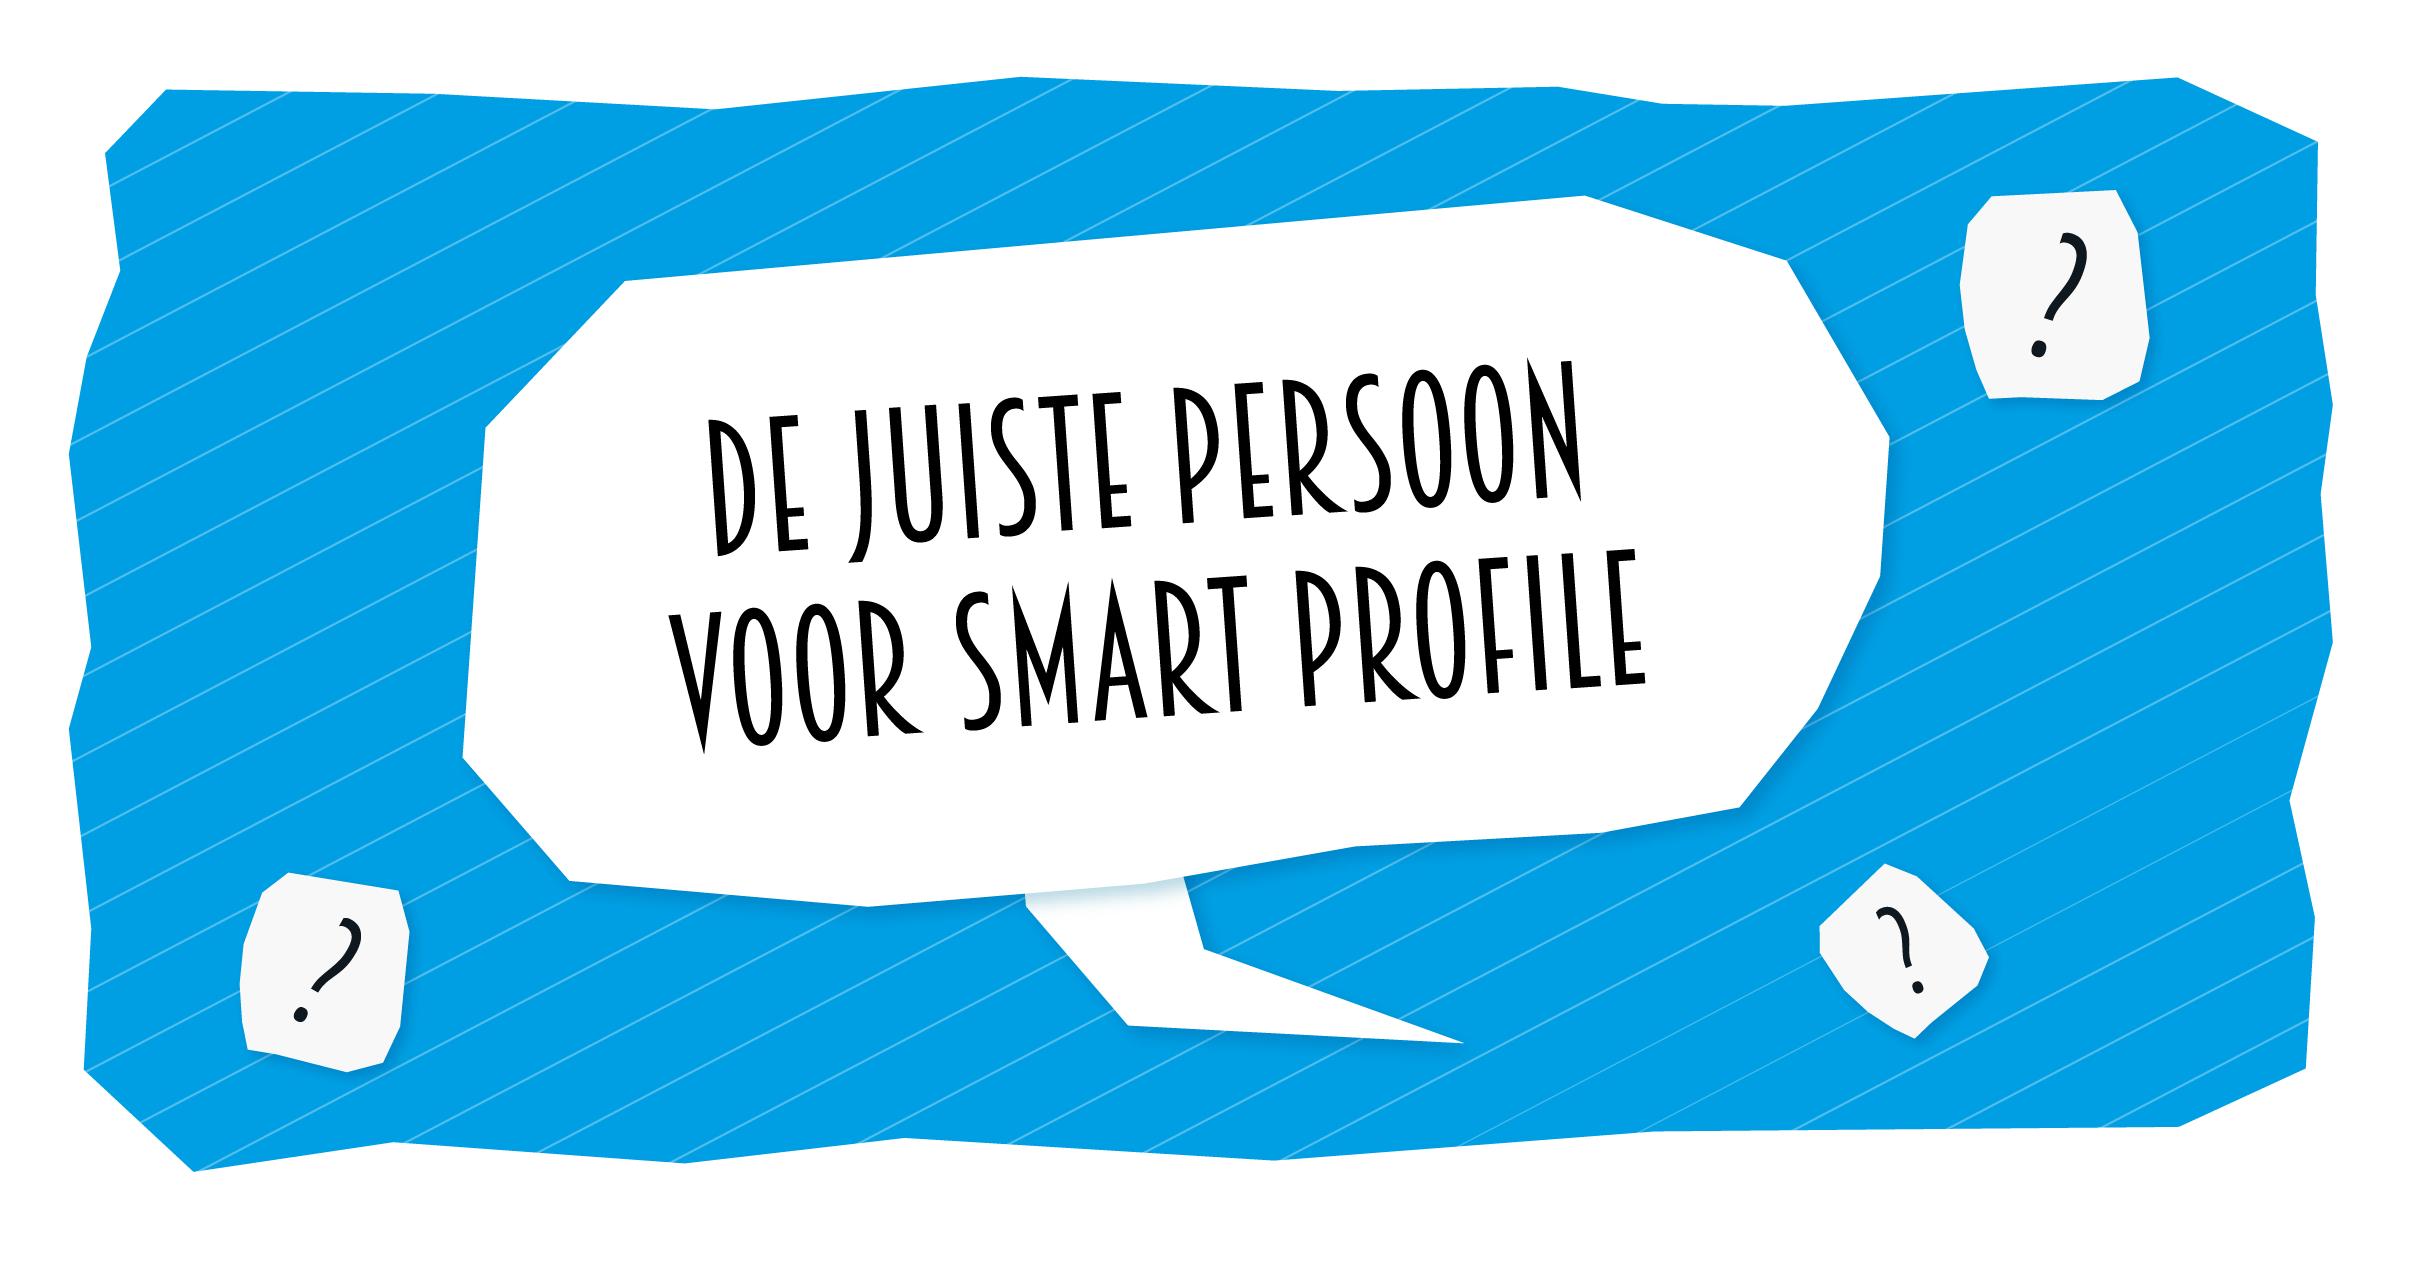 De juiste persoon voor smart profile